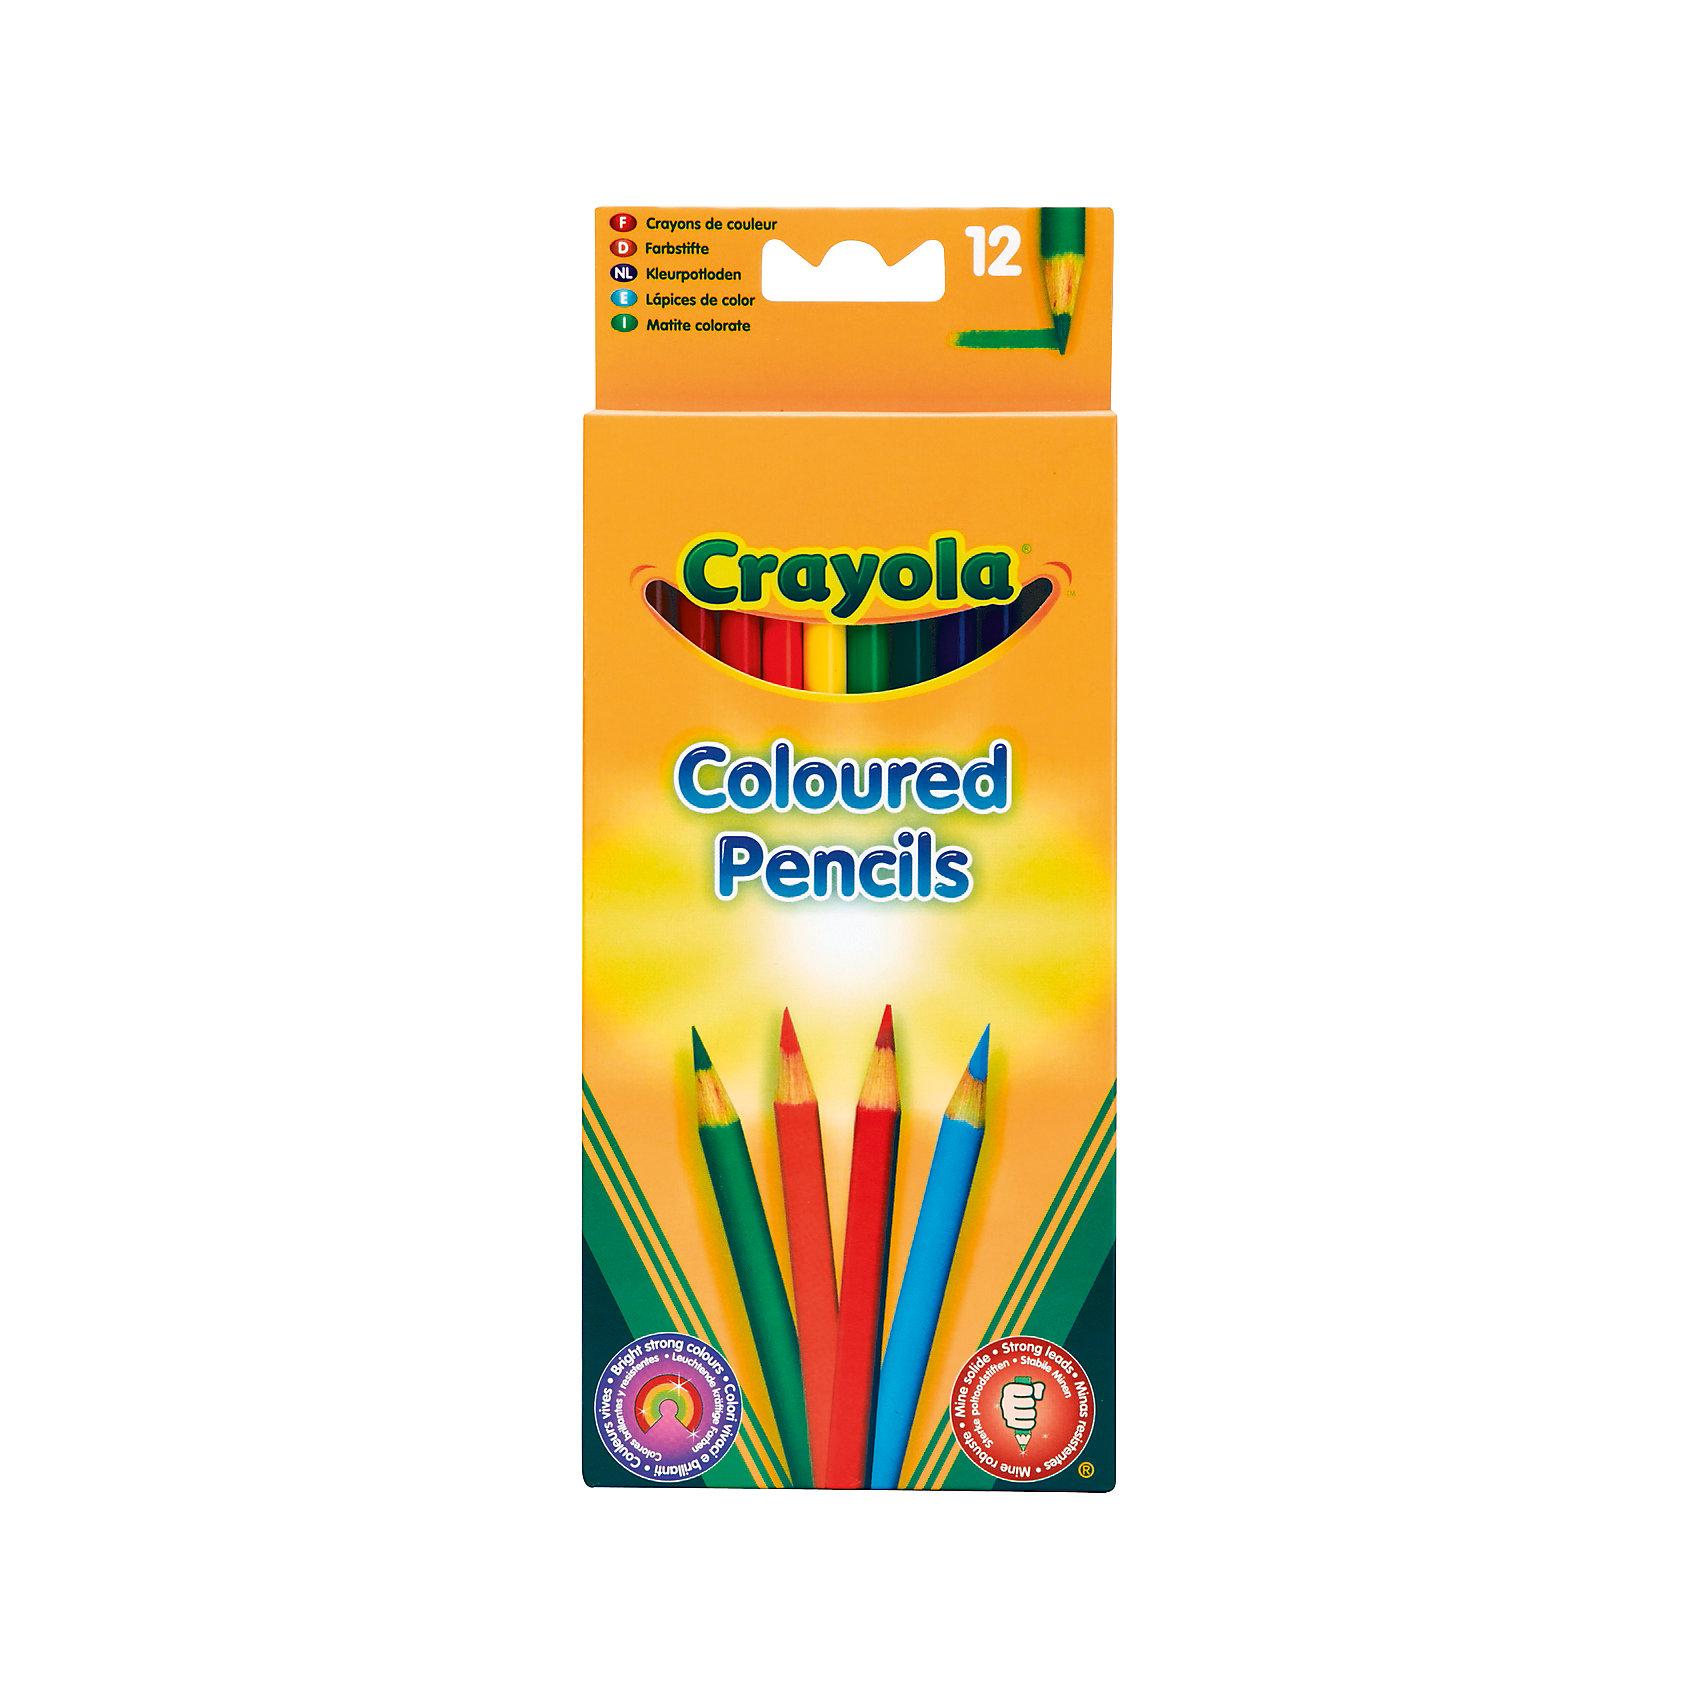 Цветные карандаши (12 шт), CrayolaКарандаши для творчества<br>Набор Crayola из 12 цветных карандашей. <br>Без цветных карандашей не обойтись любому начинающему художнику. Они необходимы ребенку на занятиях в детском саду, на уроках в школе, ими с удовольствием рисуют дома и  берут с собой в дорогу. Однако, родителям хорошо известно о том, что выбрать карандаши хорошего качества не так просто. <br>Многим приходилось сталкиваться с тем, что карандаши некоторых производителей легко ломаются, ведь маленький ребенок обычно чересчур сильно давит на грифель. Кроме того, далеко не все карандаши позволяют получить яркий, красочный рисунок, что огорчает малышей, предпочитающих насыщенные цвета. С карандашами торговой марки Crayola вы забудете о подобных проблемах. <br>Мы можем предложить вам набор из 12 цветных карандашей, рекомендованных для детей в возрасте от 3 лет. <br>Карандаши Crayola отличаются особой прочностью грифеля, диаметр которого больше обычного. Это достигается с помощью использования специальных технологий. Купив своему ребенку такие карандаши, вы избавите себя от необходимости проводить едва ли не каждый вечер за их затачиванием. Однако, если все же в этом возникнет необходимость, высокое качество древесины, из которой они изготовлены, облегчит этот процесс. <br>Продукция торговой марки Crayola – это забота как о малышах, так и об их родителях.<br><br>Ширина мм: 90<br>Глубина мм: 10<br>Высота мм: 210<br>Вес г: 80<br>Возраст от месяцев: 36<br>Возраст до месяцев: 144<br>Пол: Унисекс<br>Возраст: Детский<br>SKU: 1755125